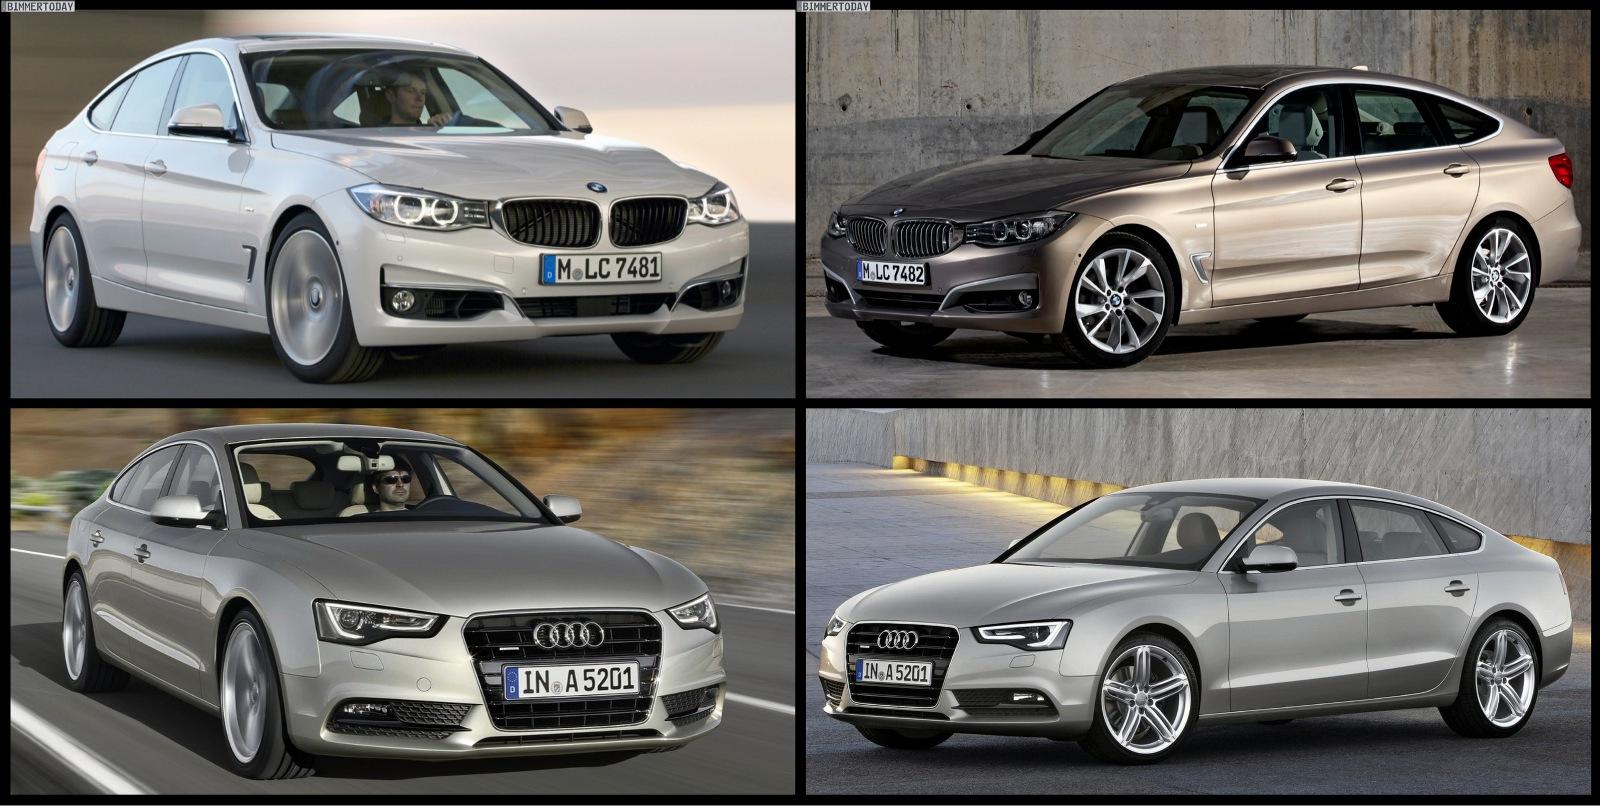 Photo Comparison: BMW 3 Series GT vs Audi A5 Sportback